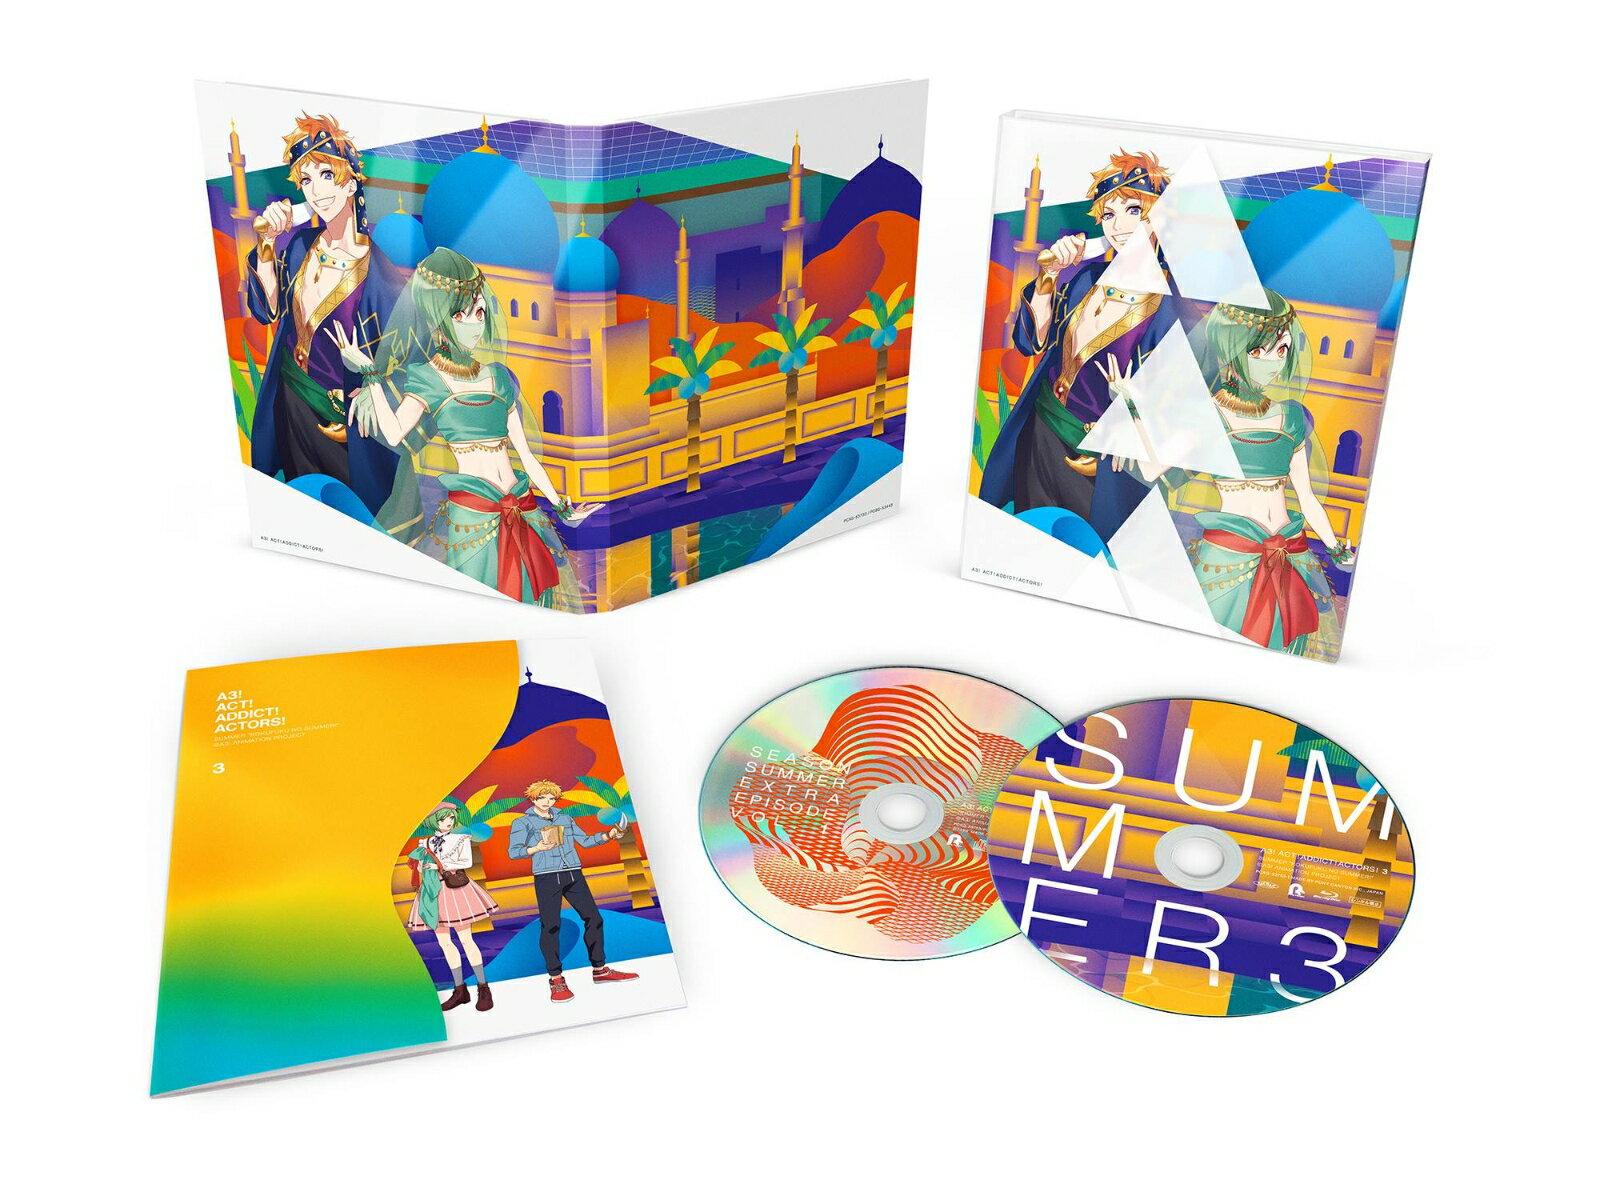 アニメ『A3!』【3】【Blu-ray】 [ 酒井広大 ]画像